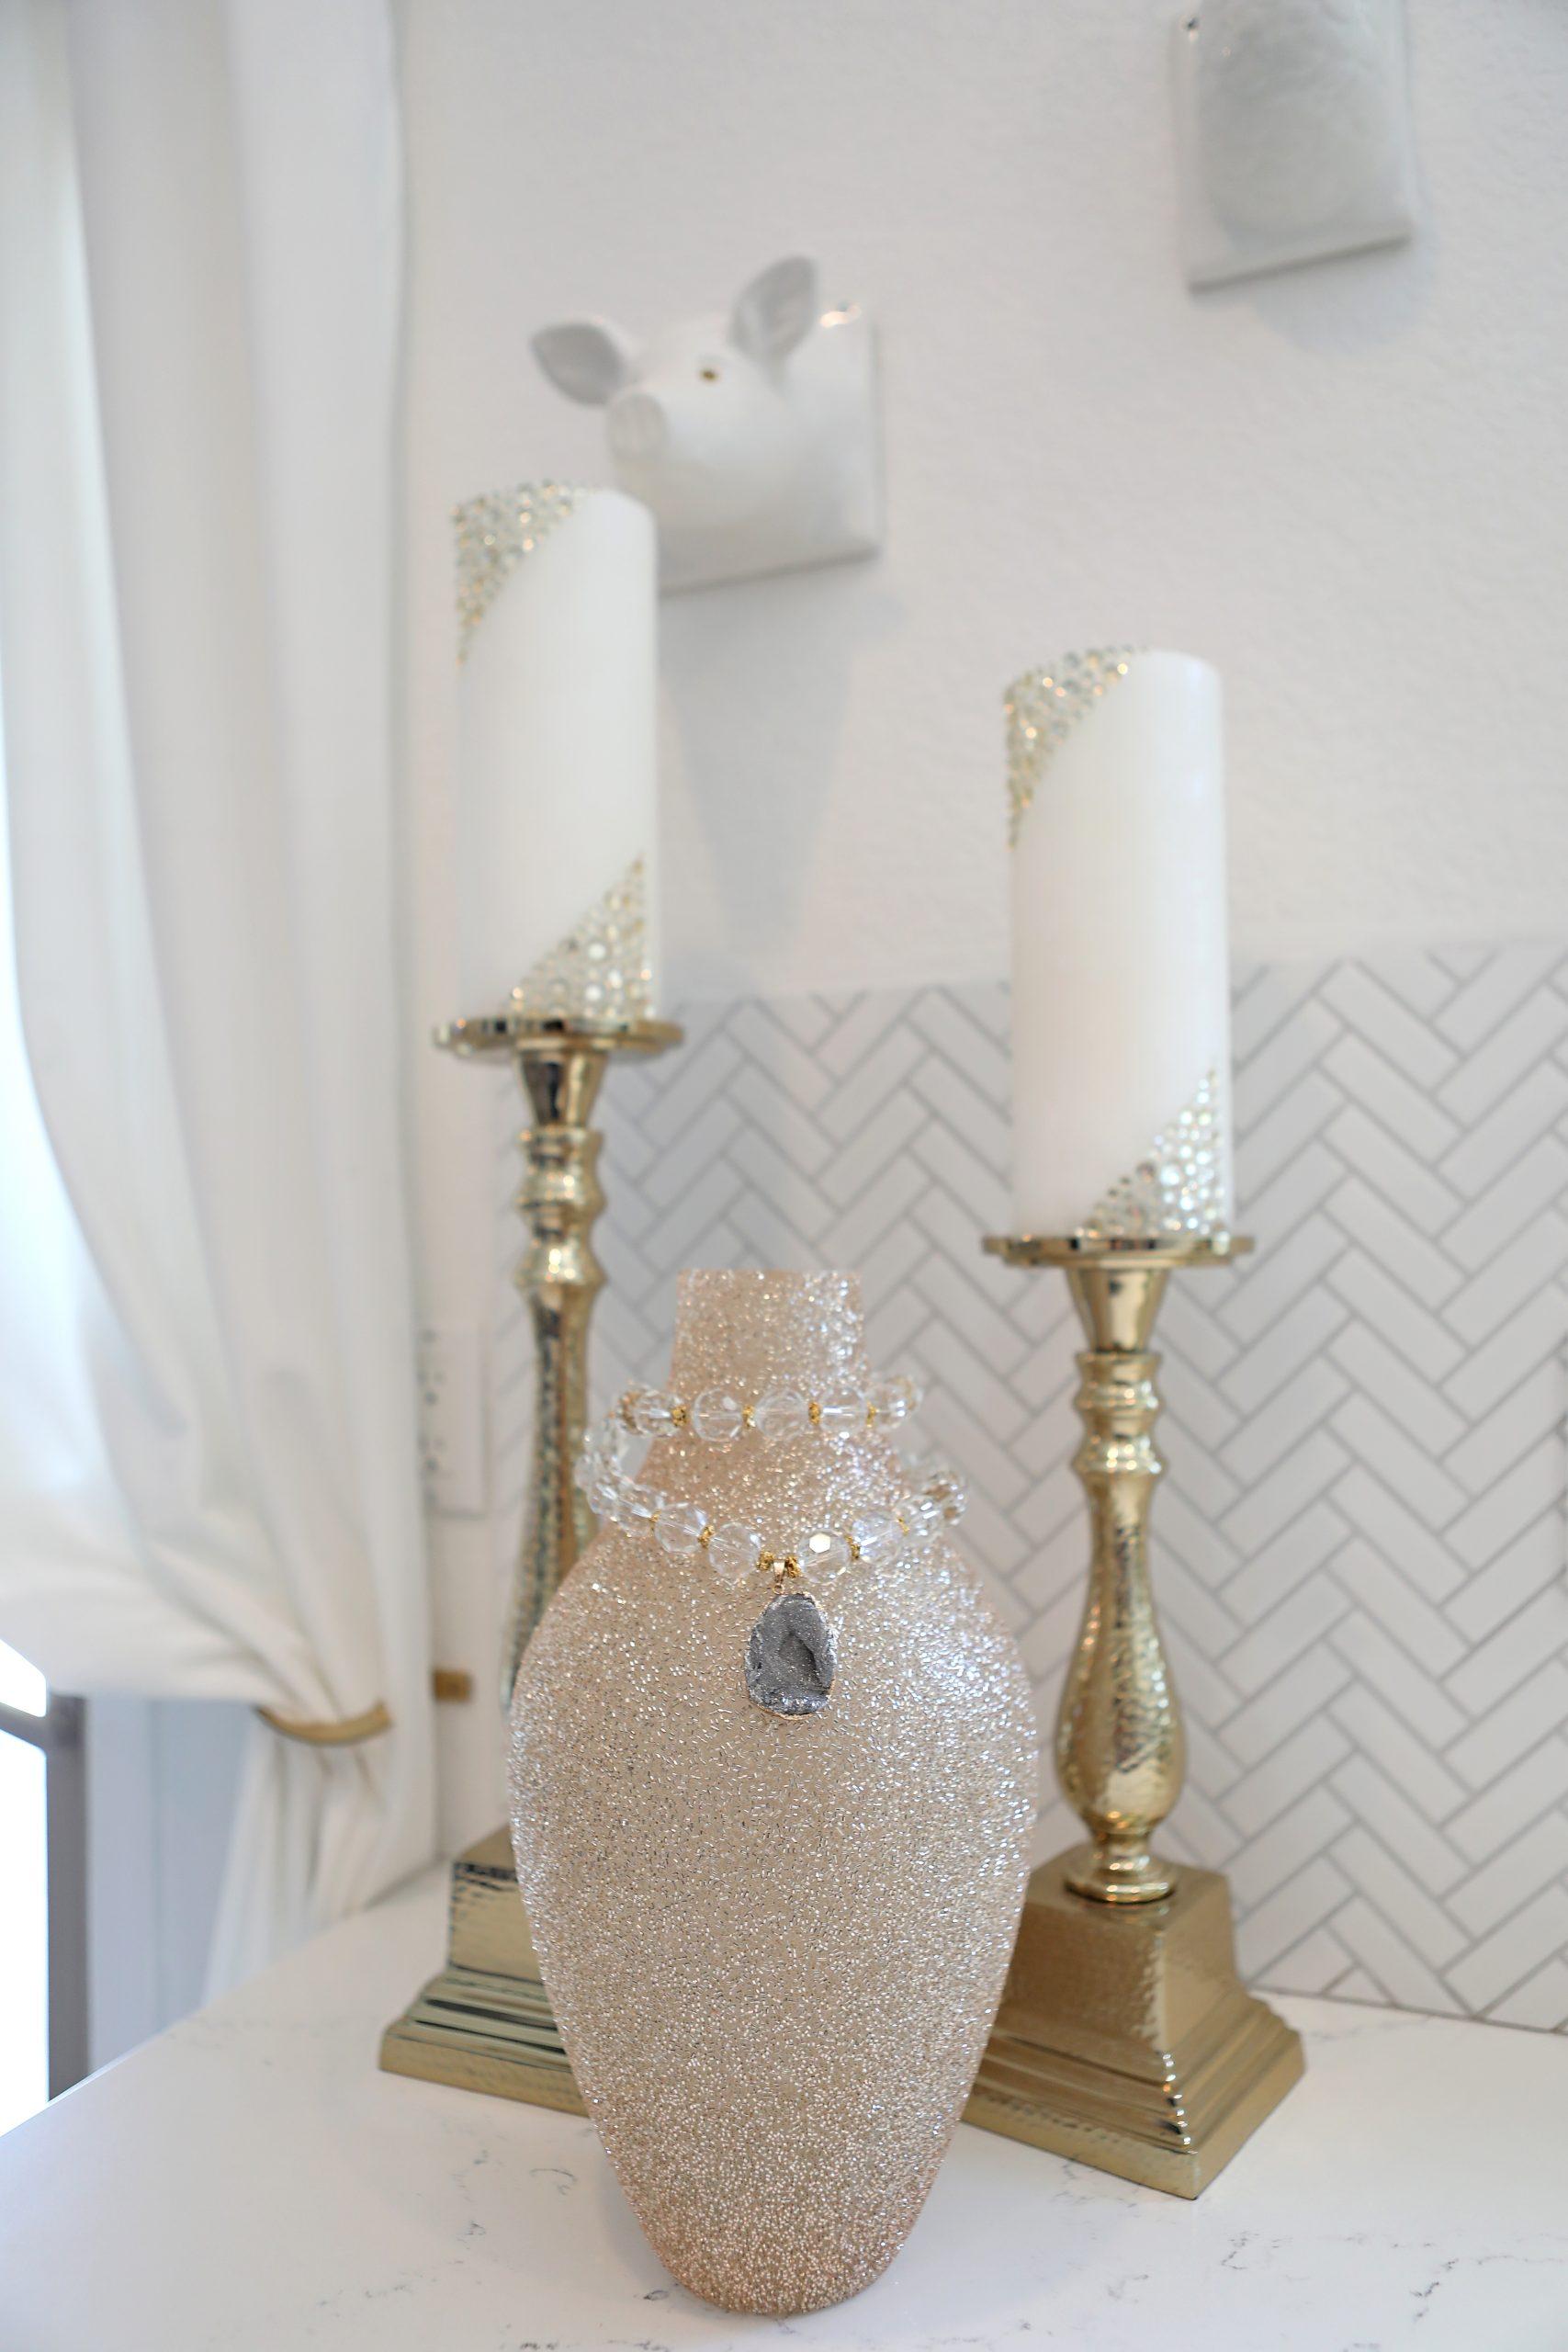 DIY Home Decor Candles